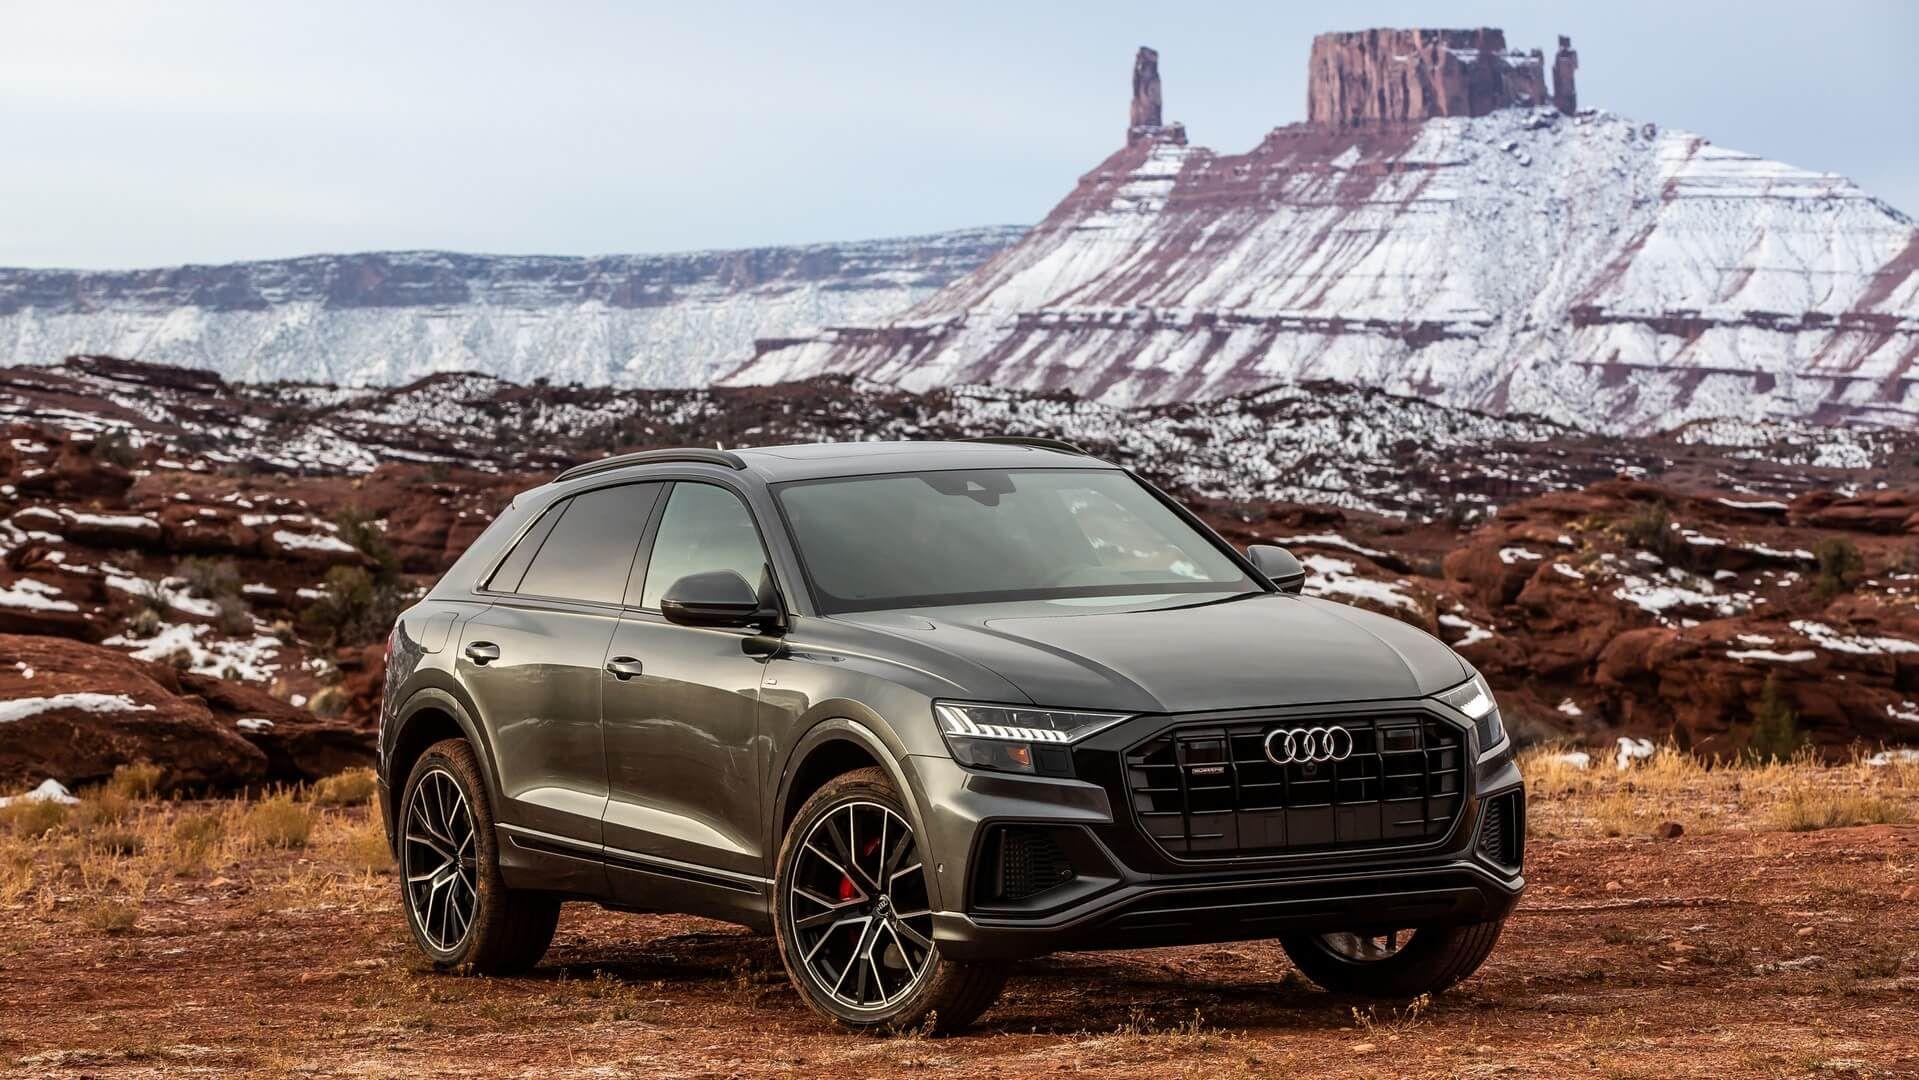 Audi Suv 2020 Price In 2020 Suv Audi Q7 Price Suv Prices